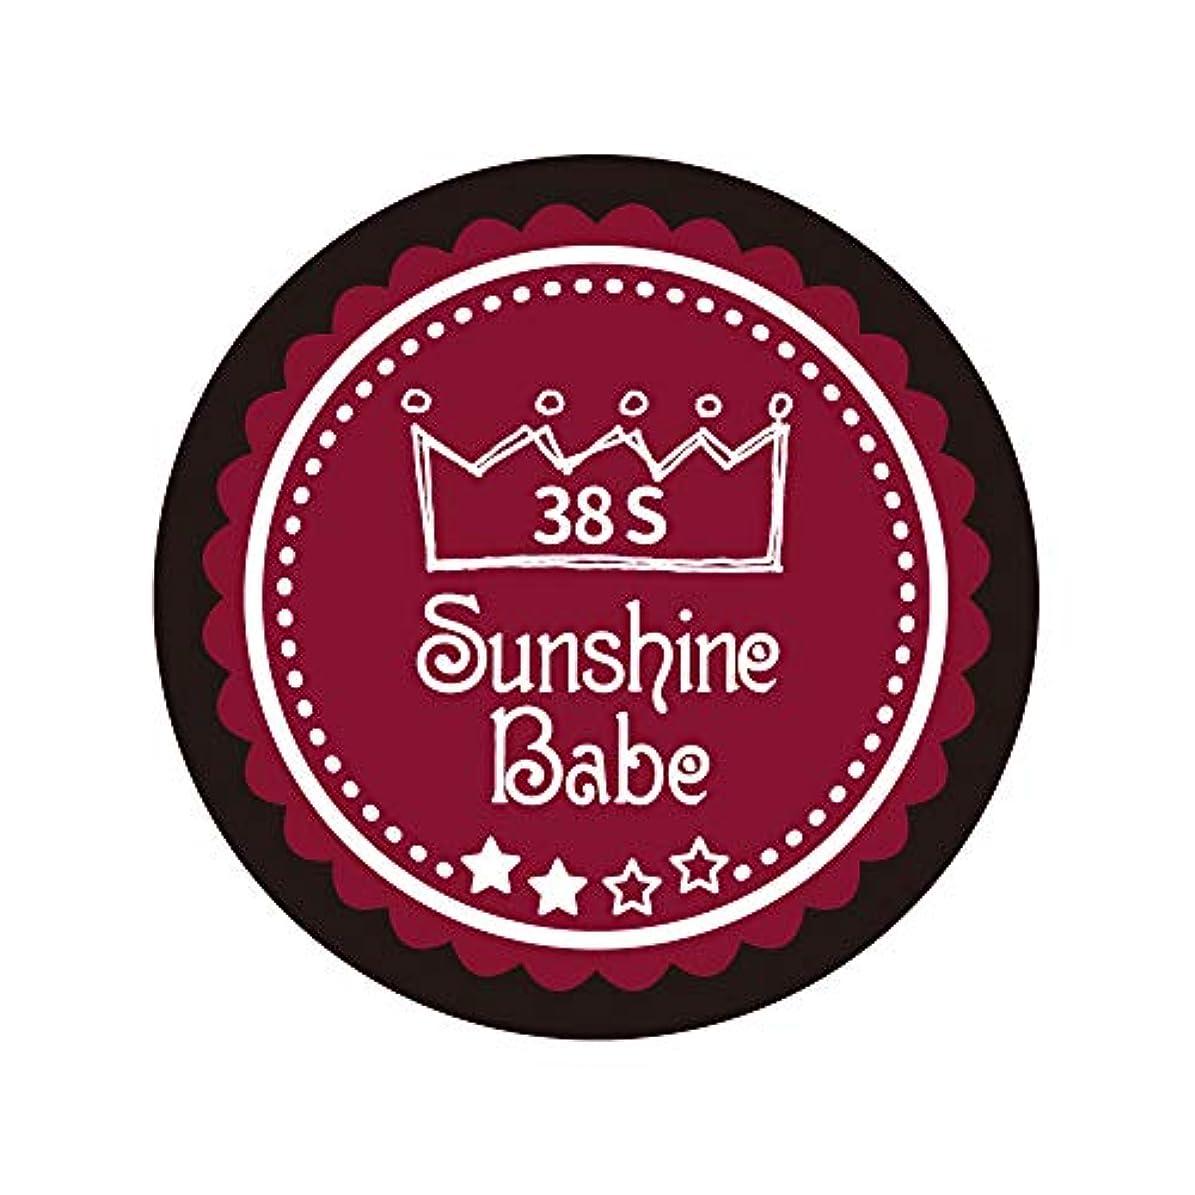 弱まる追放速記Sunshine Babe カラージェル 38S レッドペア 2.7g UV/LED対応